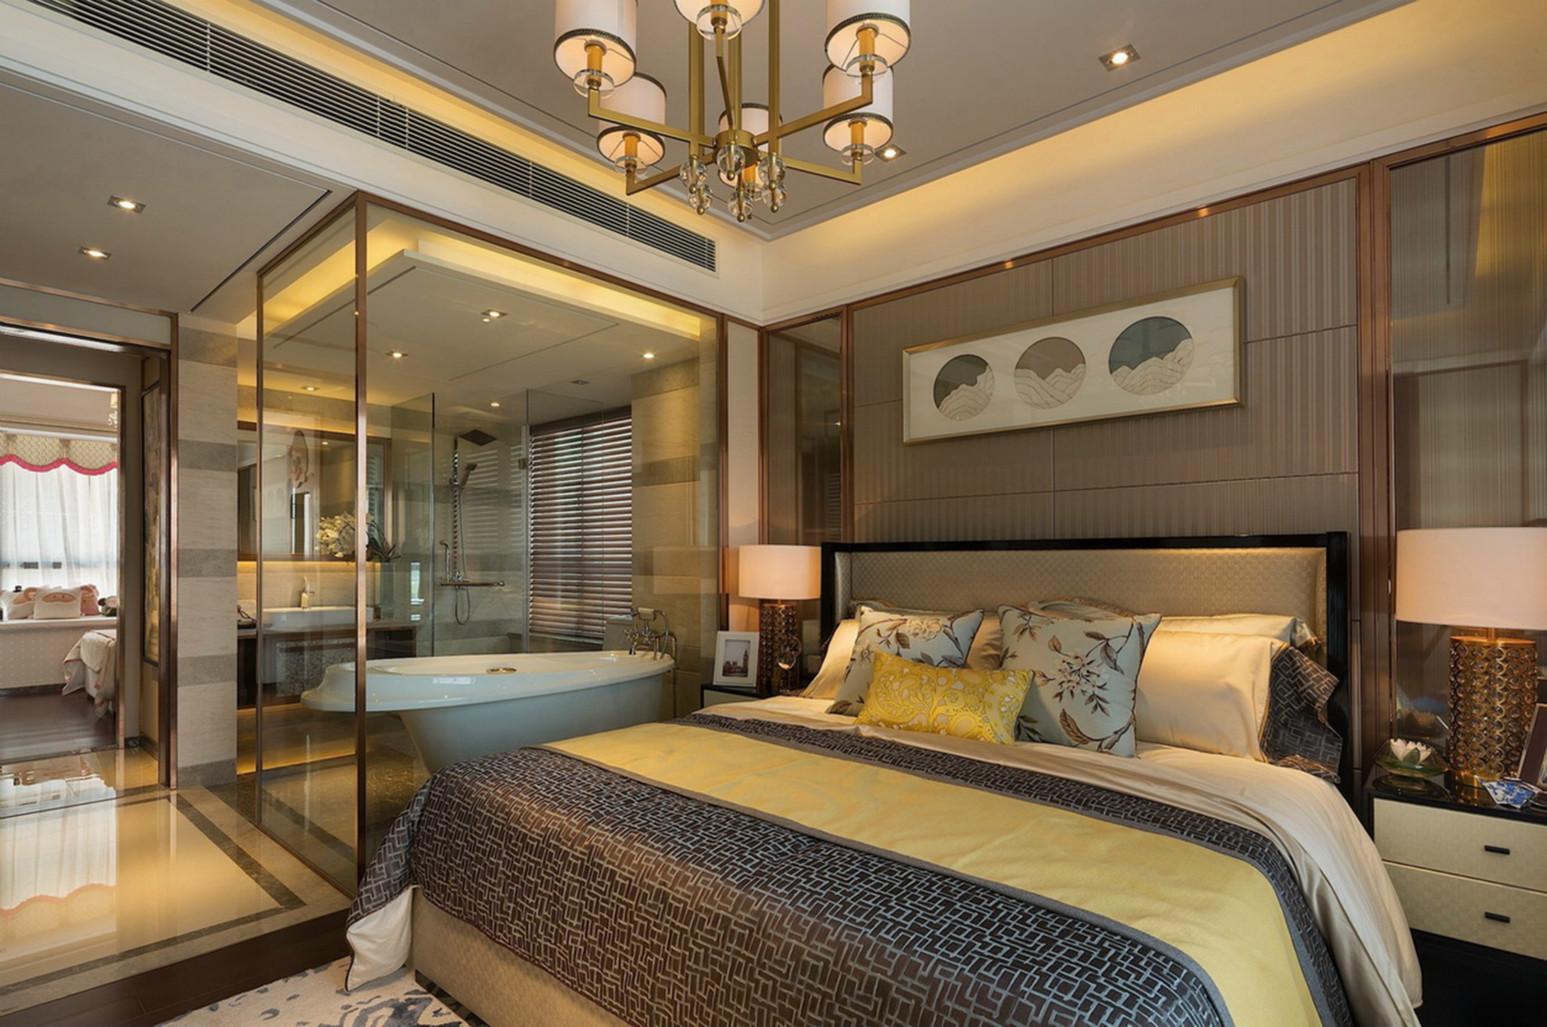 卧室的装饰表现大气得淋漓尽致,也罢品质家居完美的诠释。